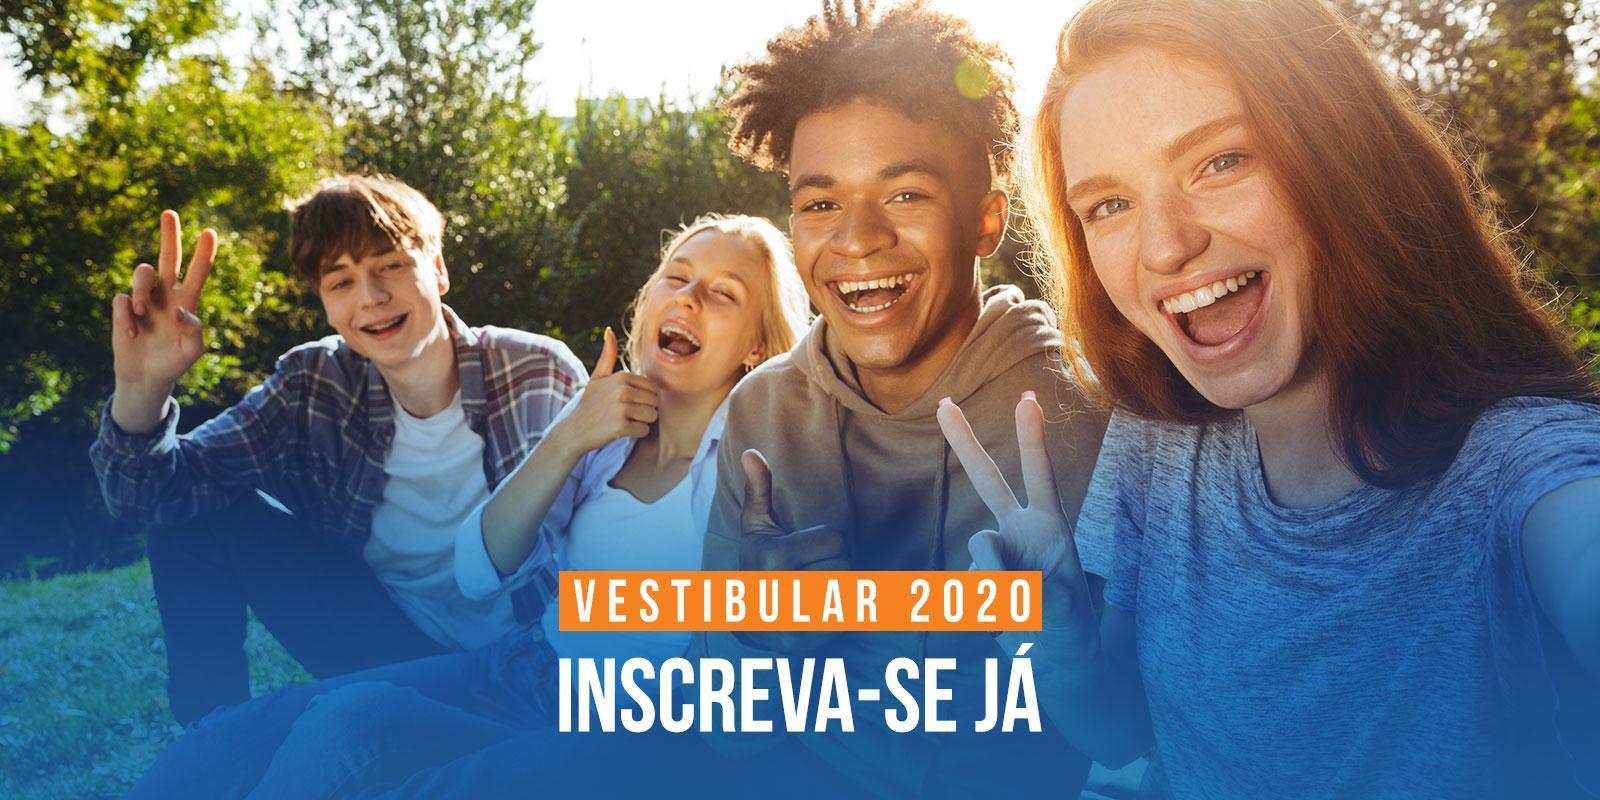 Vestibular 2020 está com inscrições abertas para Graduação Smart e cursos tradicionais